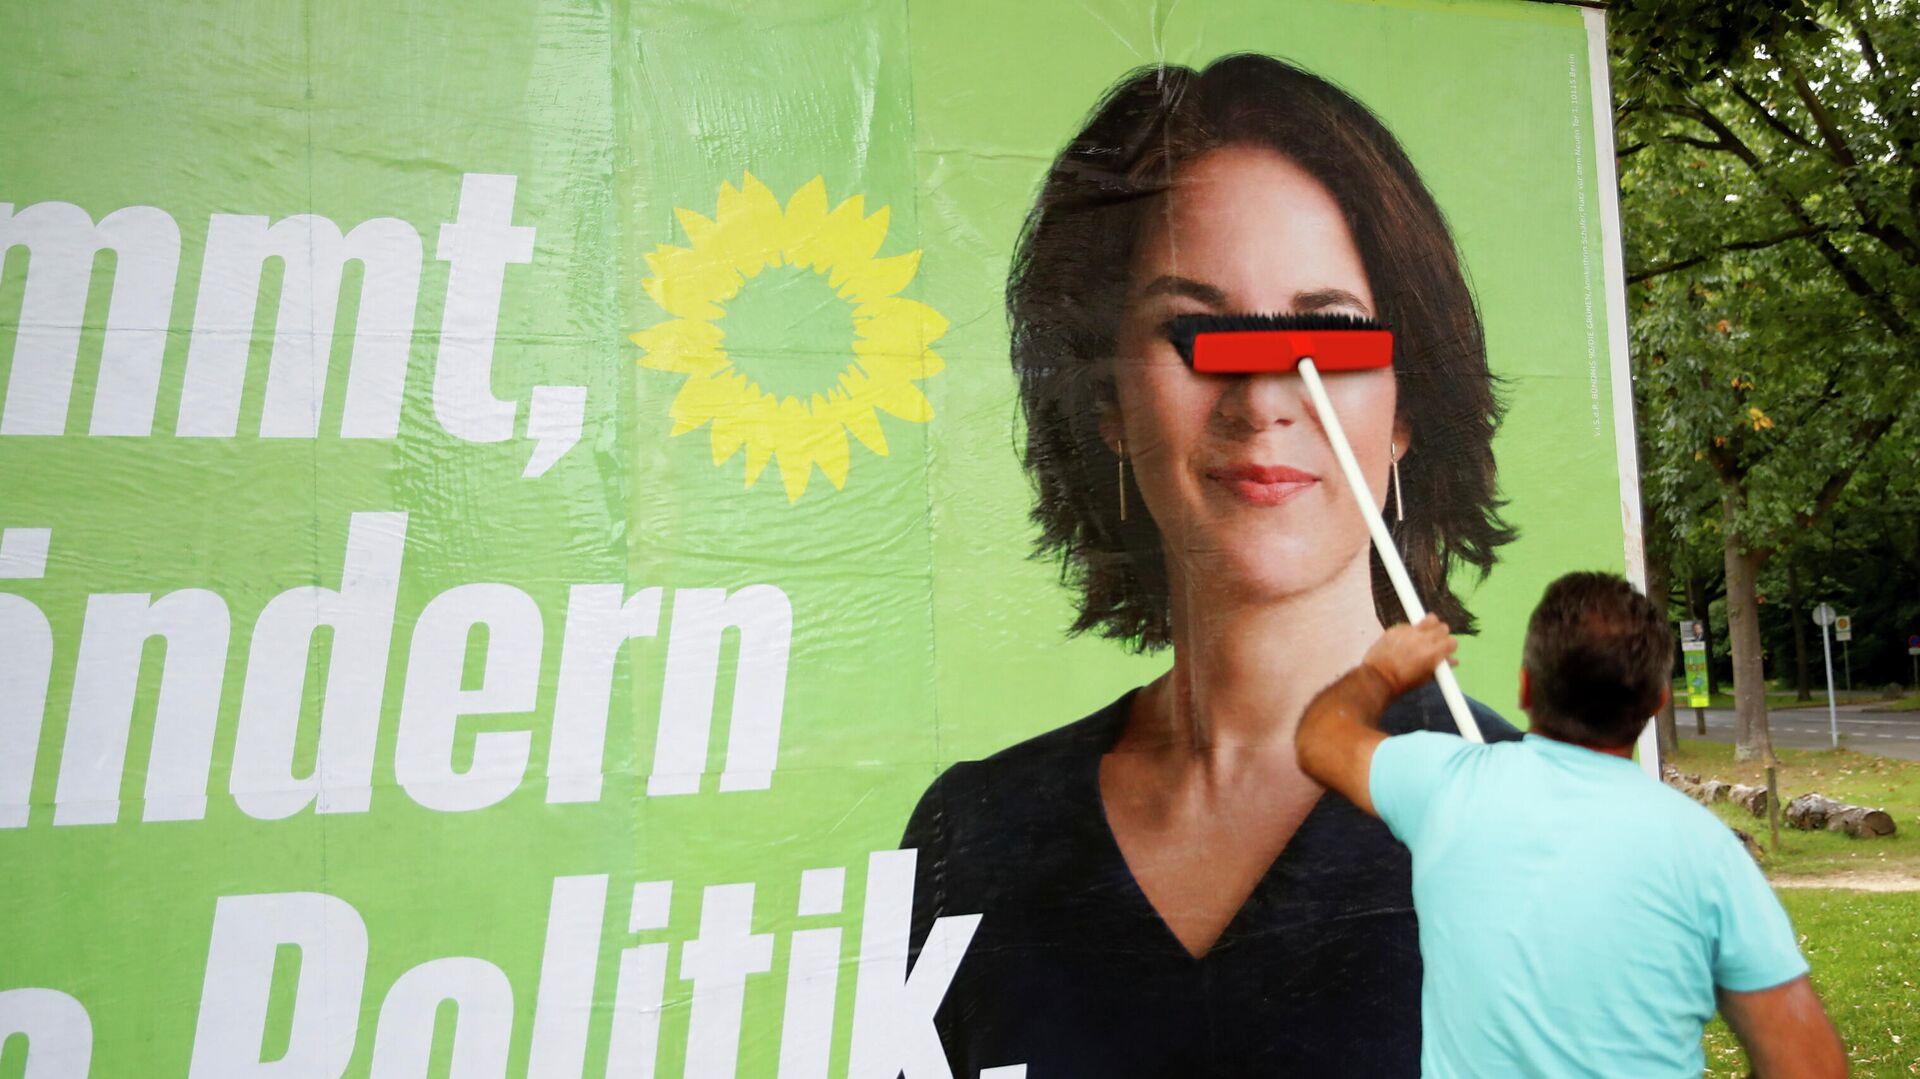 Ein Plakat von Annalena Baerbock, Kanzlerkandidatin der Grünen, wird für die Bundestagswahl in Bonn, 20. September 2021, auf einem Brett platziert.  - SNA, 1920, 21.09.2021